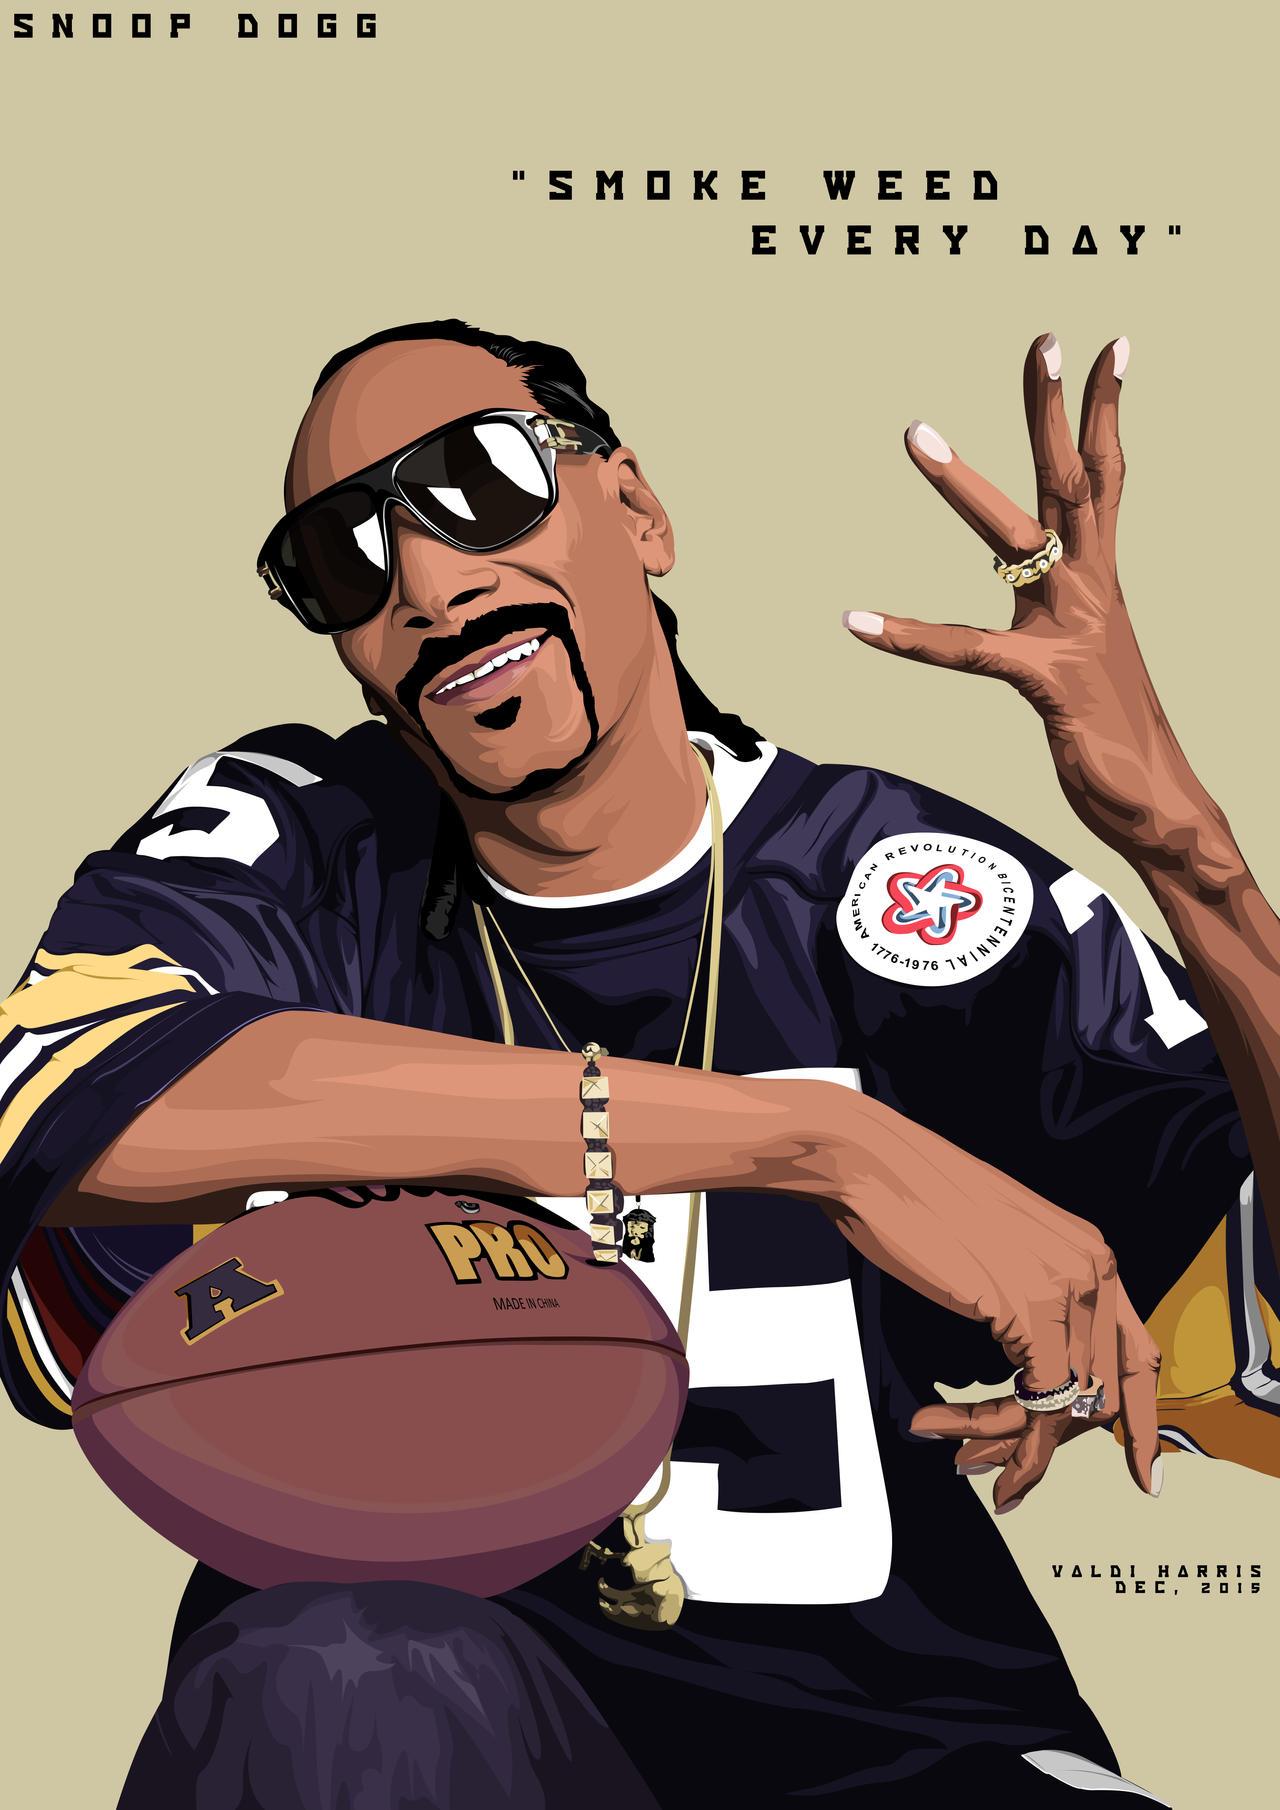 Snoop dogg smoke weed everyday gif